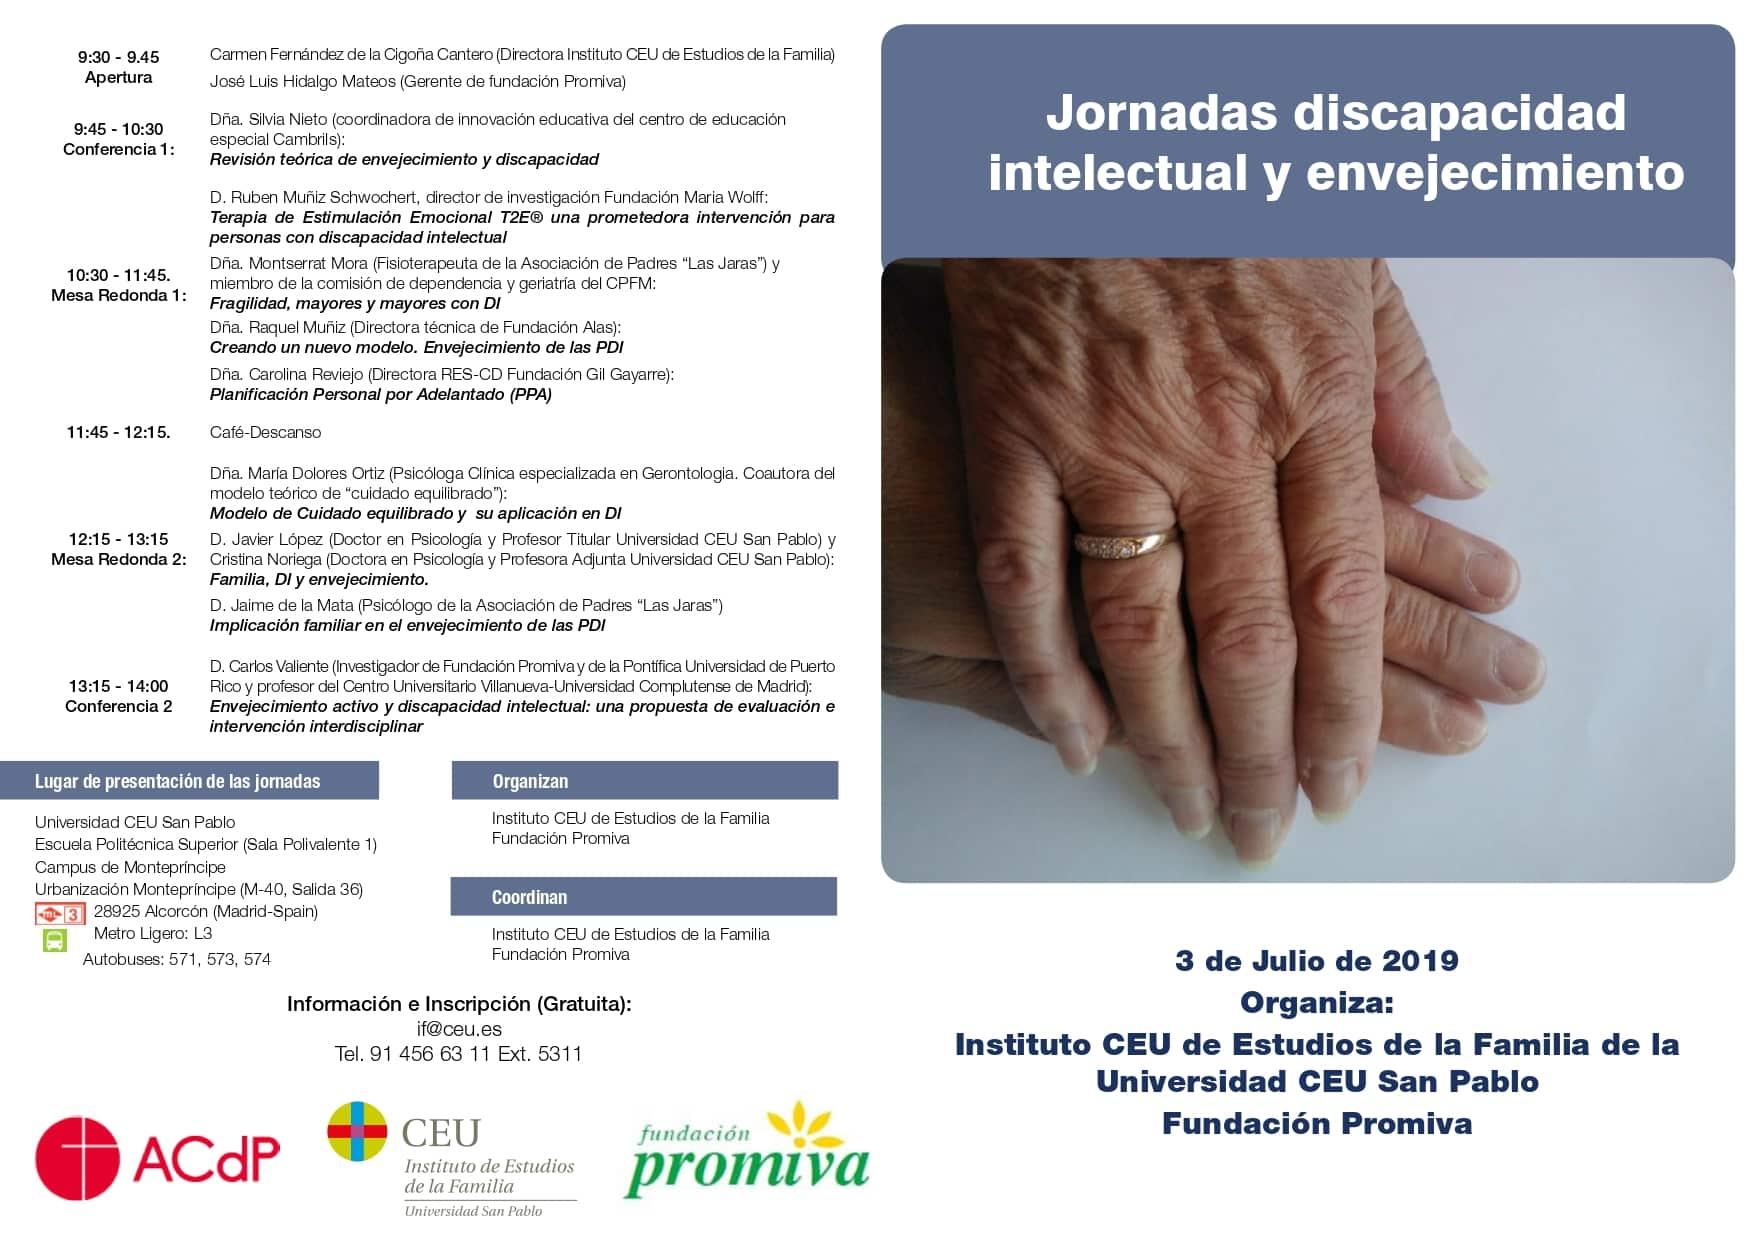 Jornada de discapacidad intelectual y envejecimiento / 3 de julio de 2019